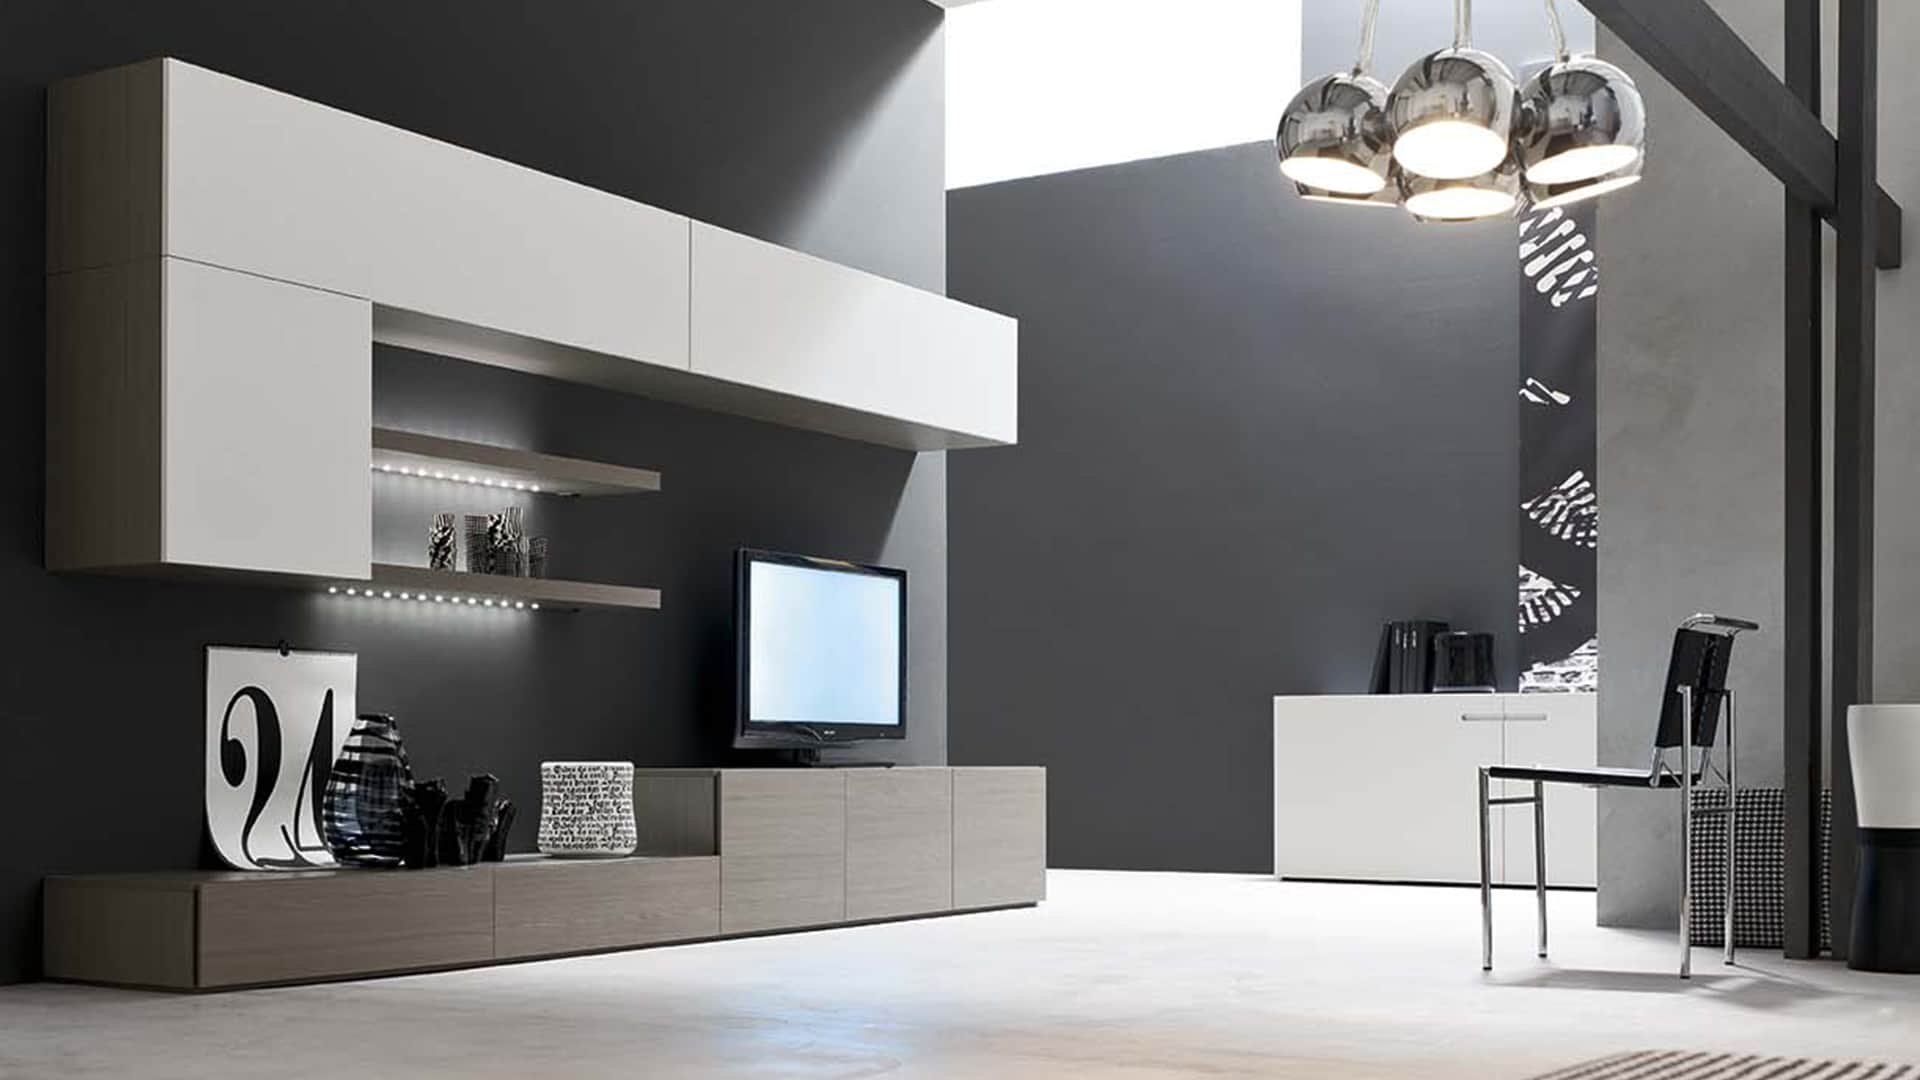 Vendita di mobili per soggiorno a padova mobili da for Mobili per la sala